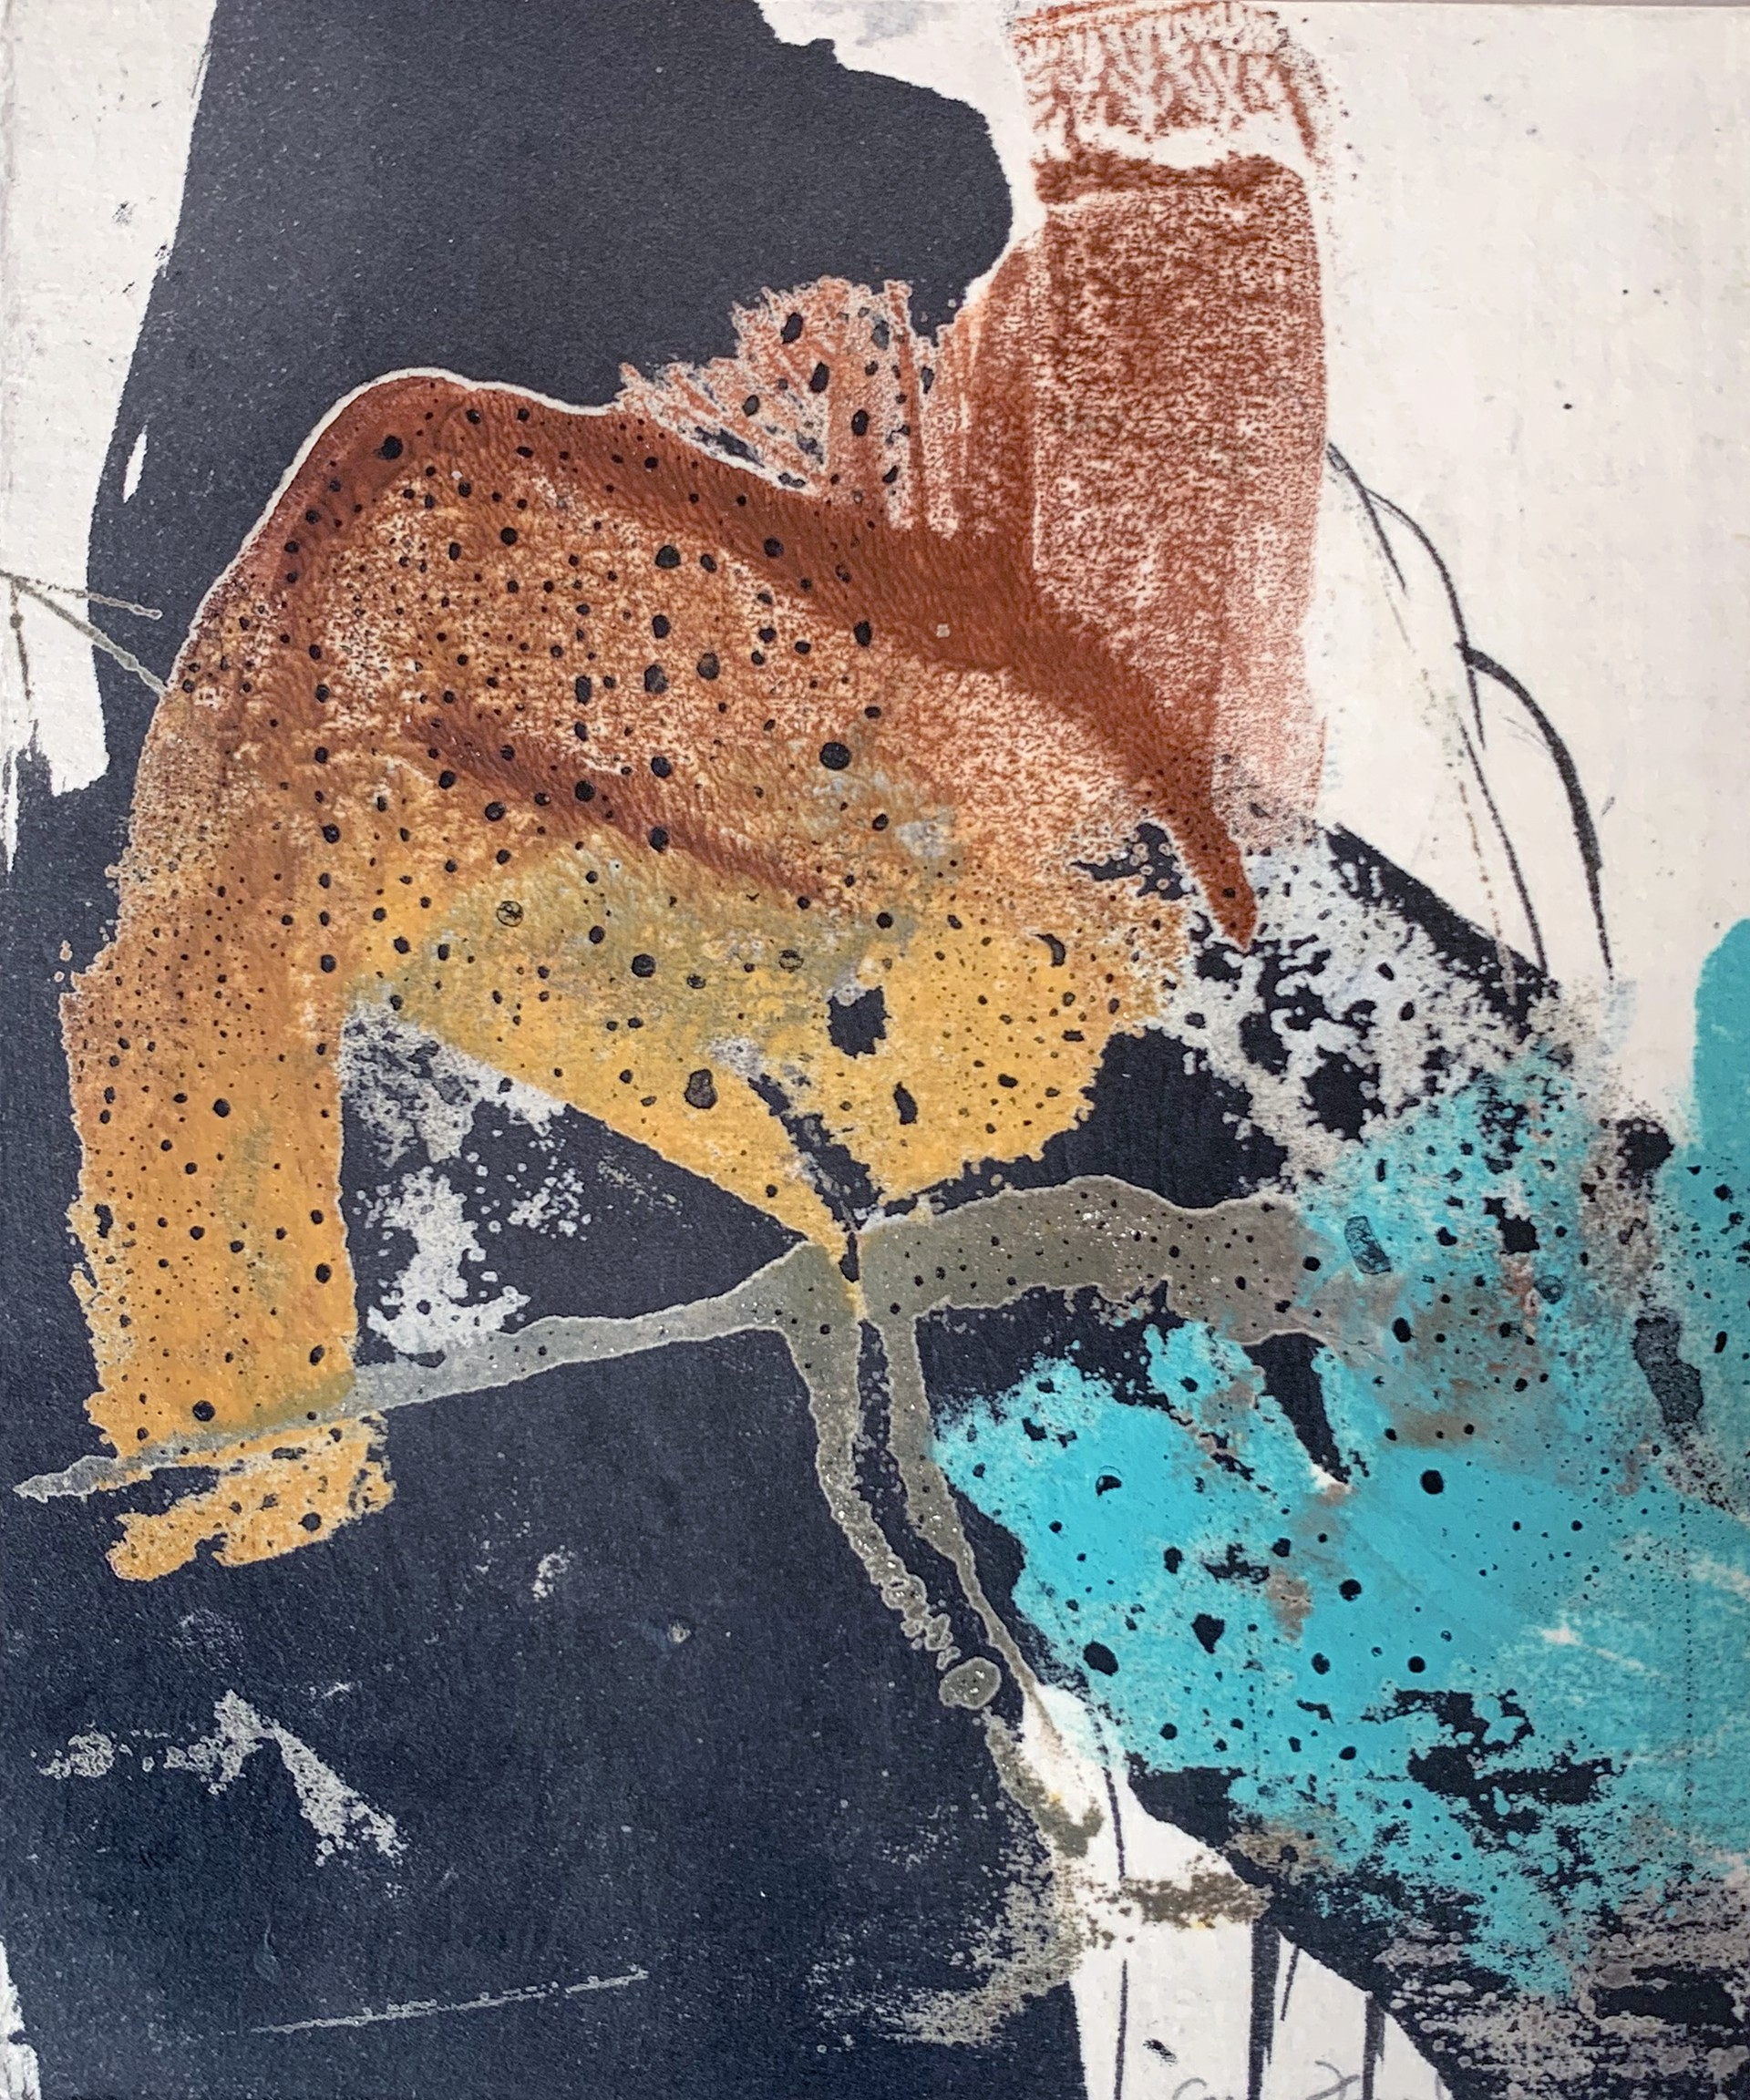 Duo by Caryn Friedlander